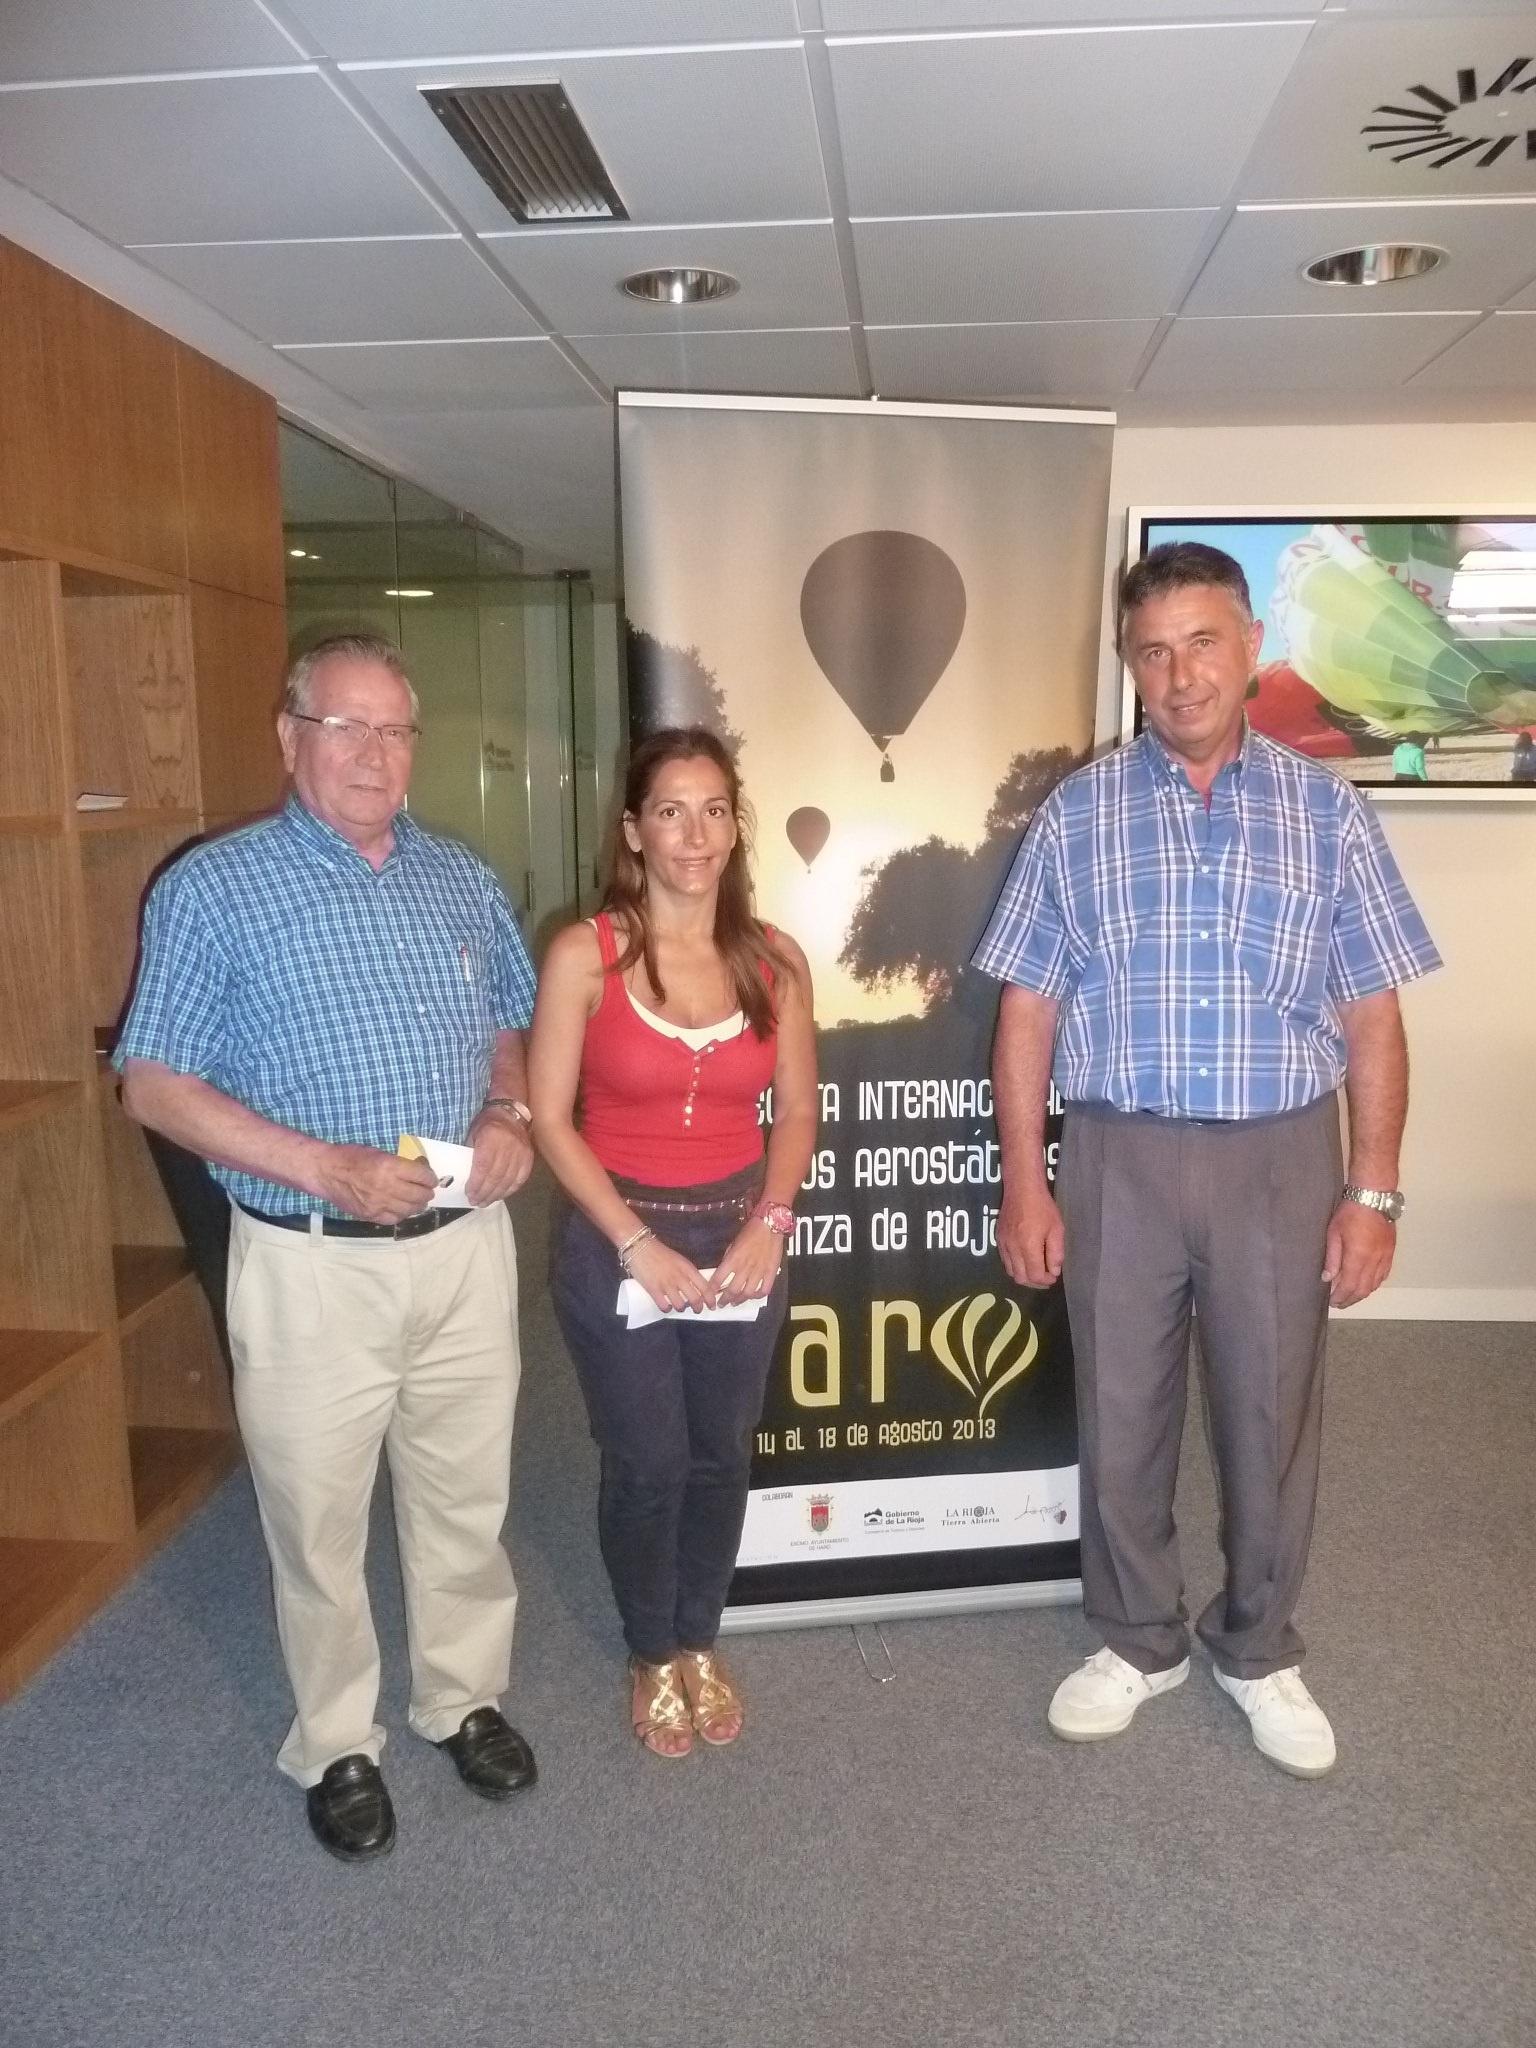 La XIII Regata Internacional de Globos Aerostáticos »Crianza de Rioja» se celebrará en Haro del 14 al 18 de agosto